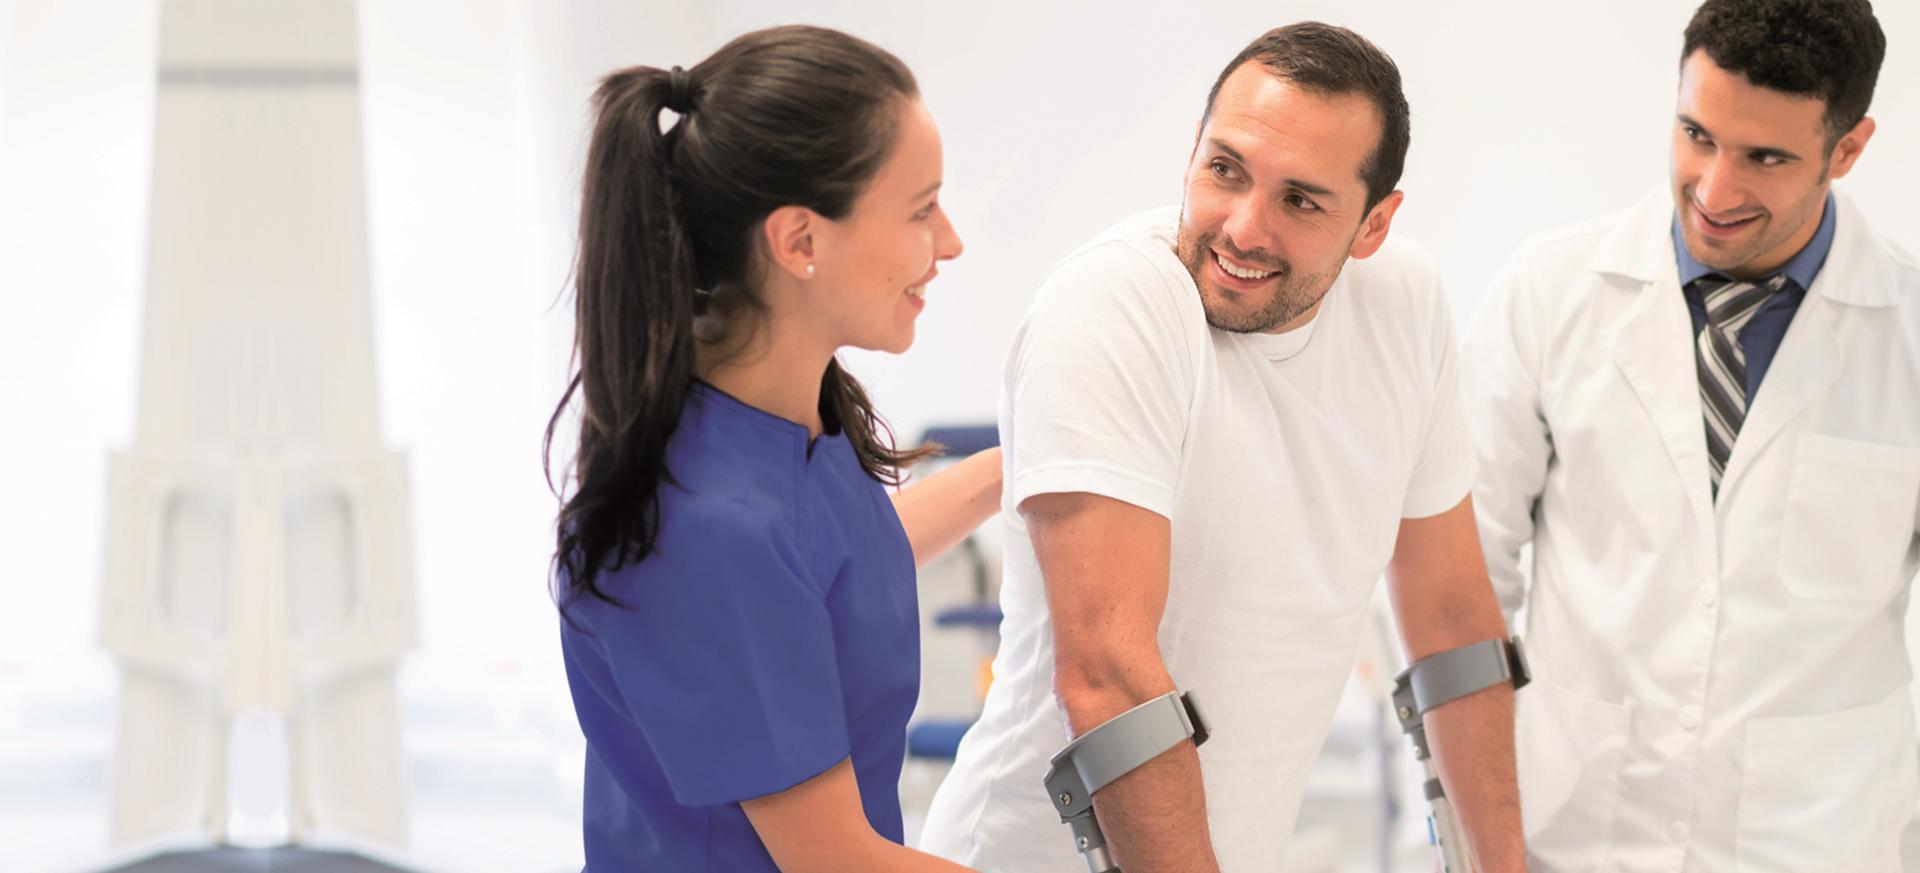 Jetzt den Bachelor Schwerpunkt Prävention, Regeneration und Rehabilitation kennen lernen und beraten lassen.